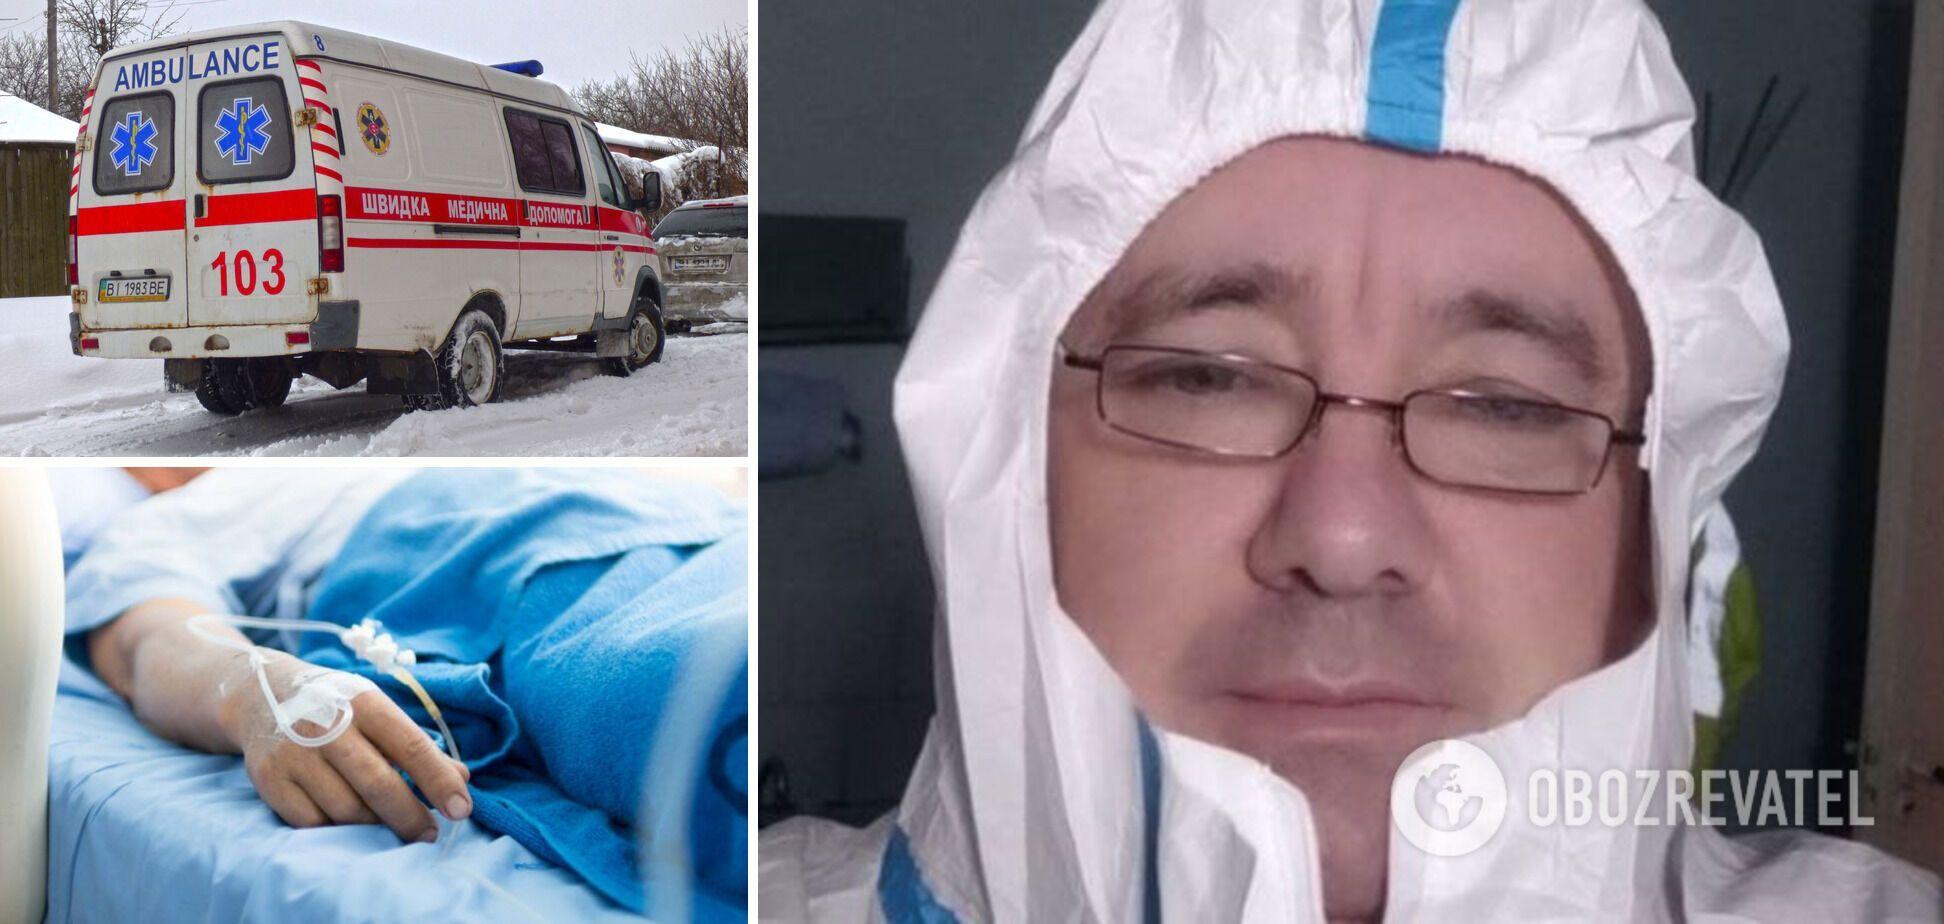 Фельдшер-депутат від 'ЄС' врятував українця, пронісши його 2 км до 'швидкої': подробиці